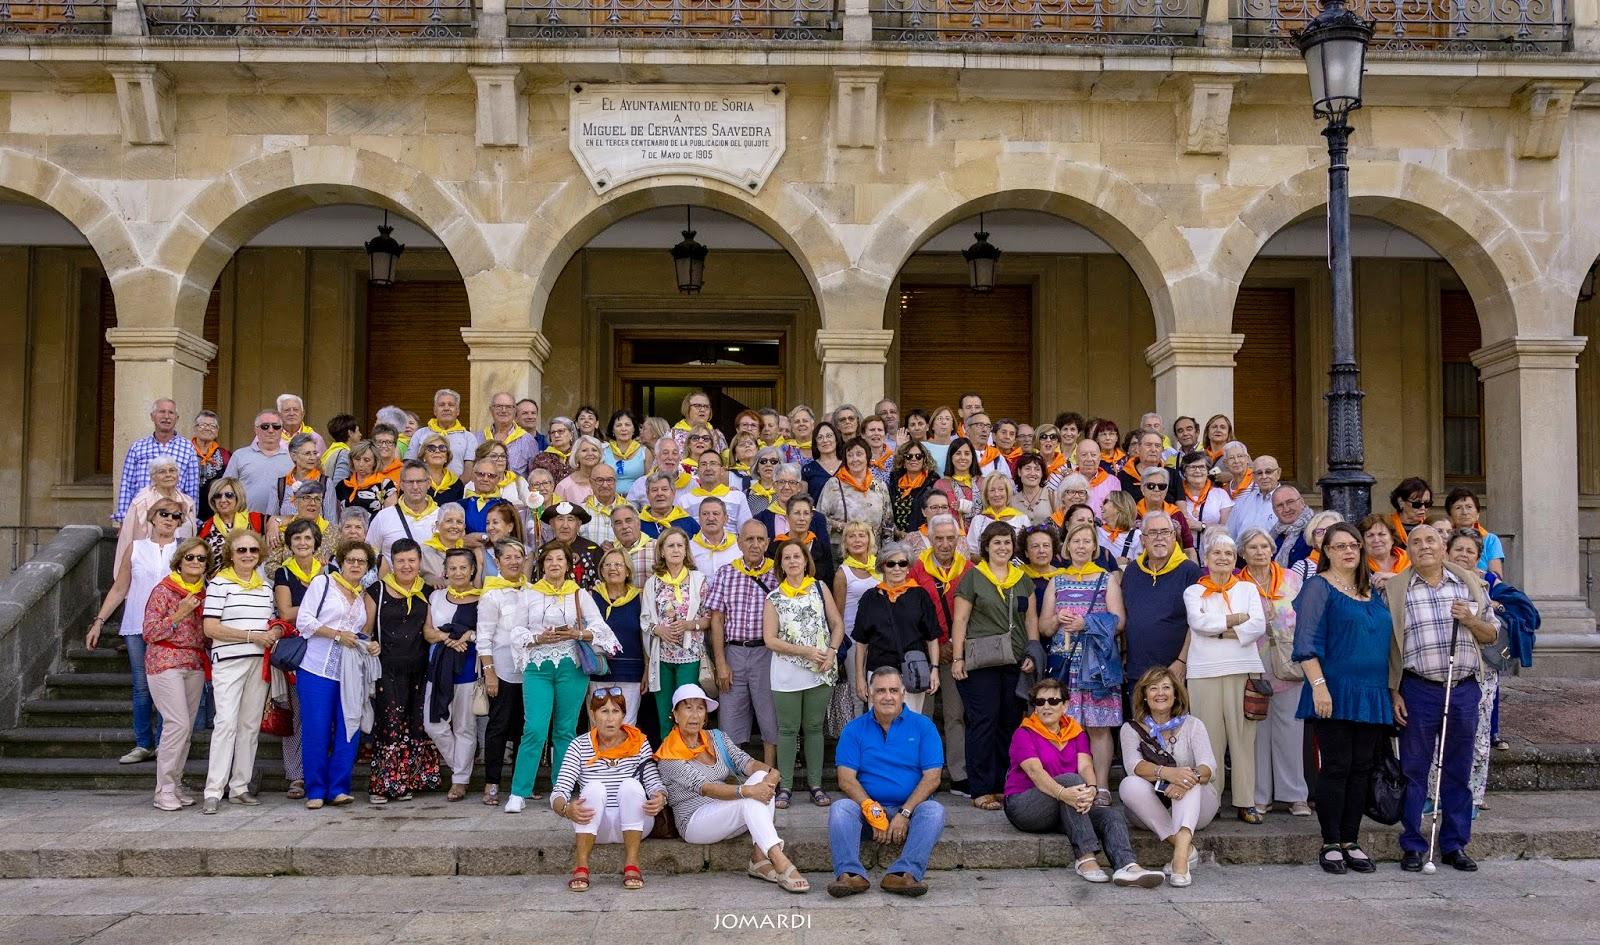 Hoteles soria encuentro asociaciones de amigos camino santiago [PUNIQRANDLINE-(au-dating-names.txt) 54